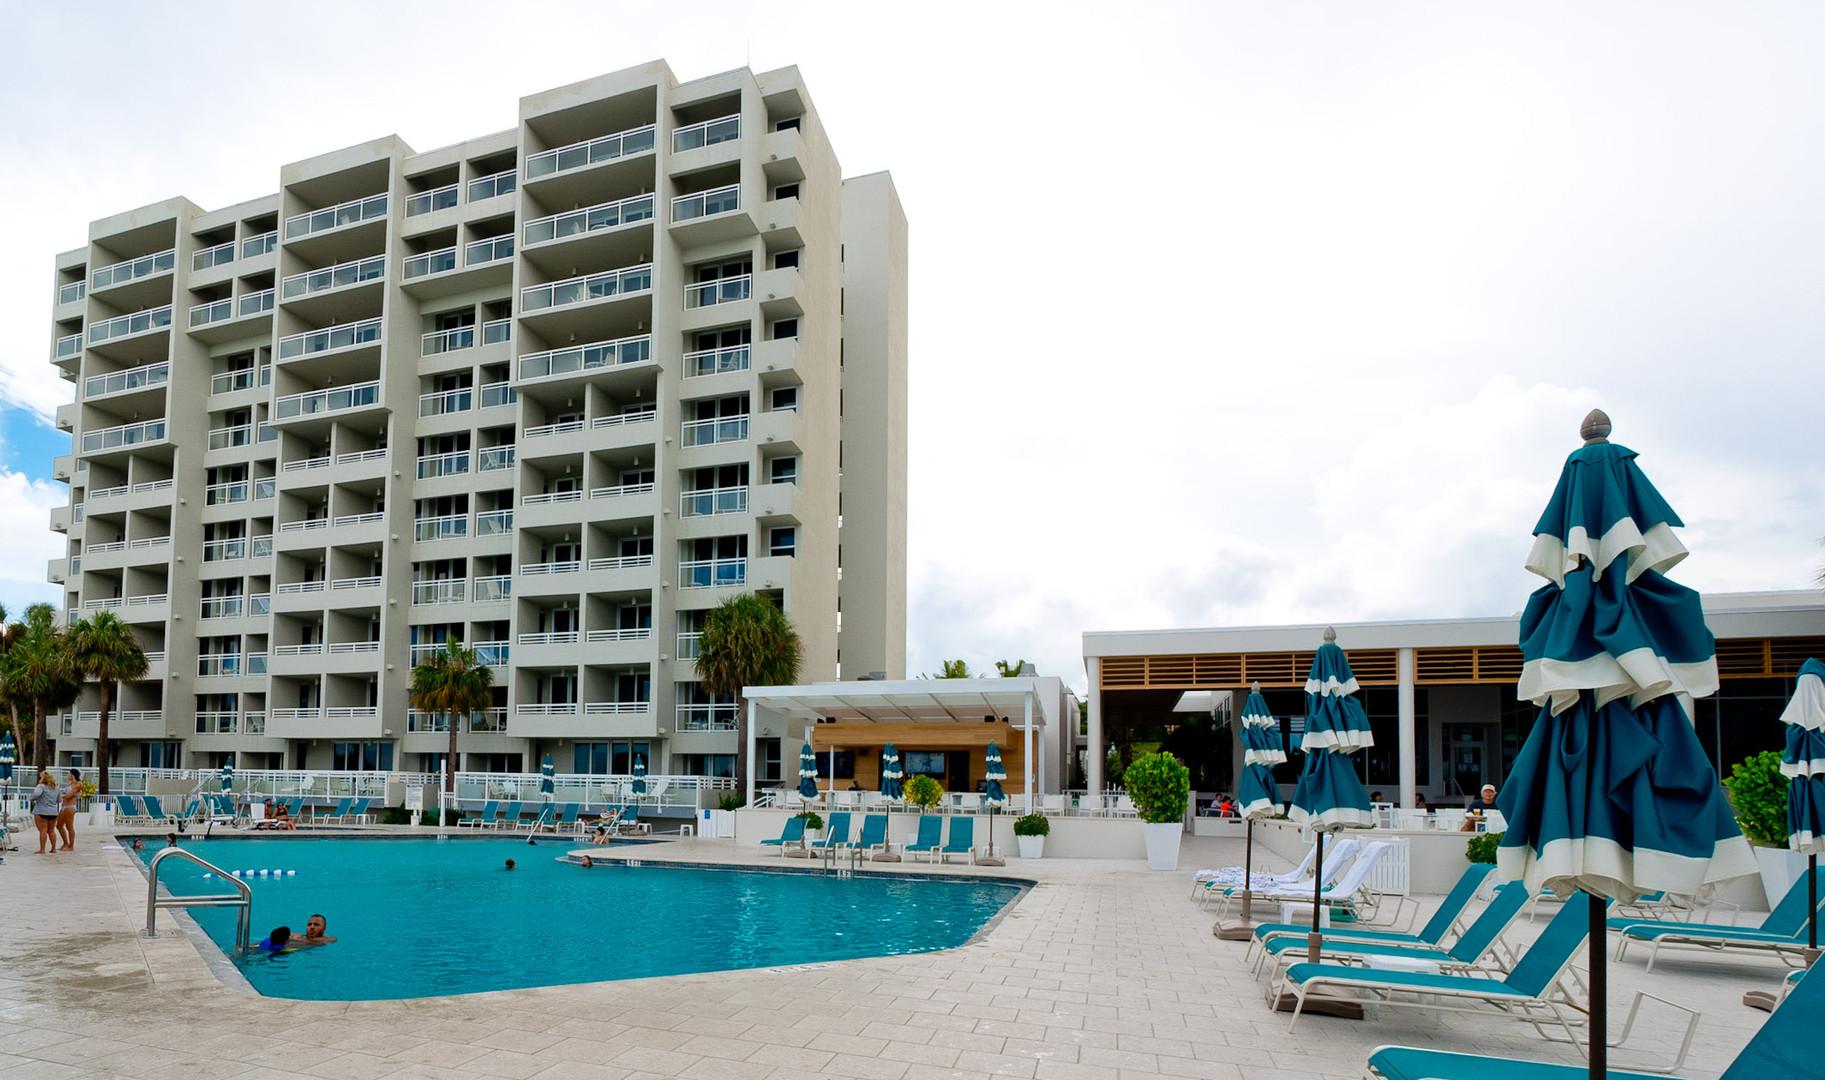 Large resort pool